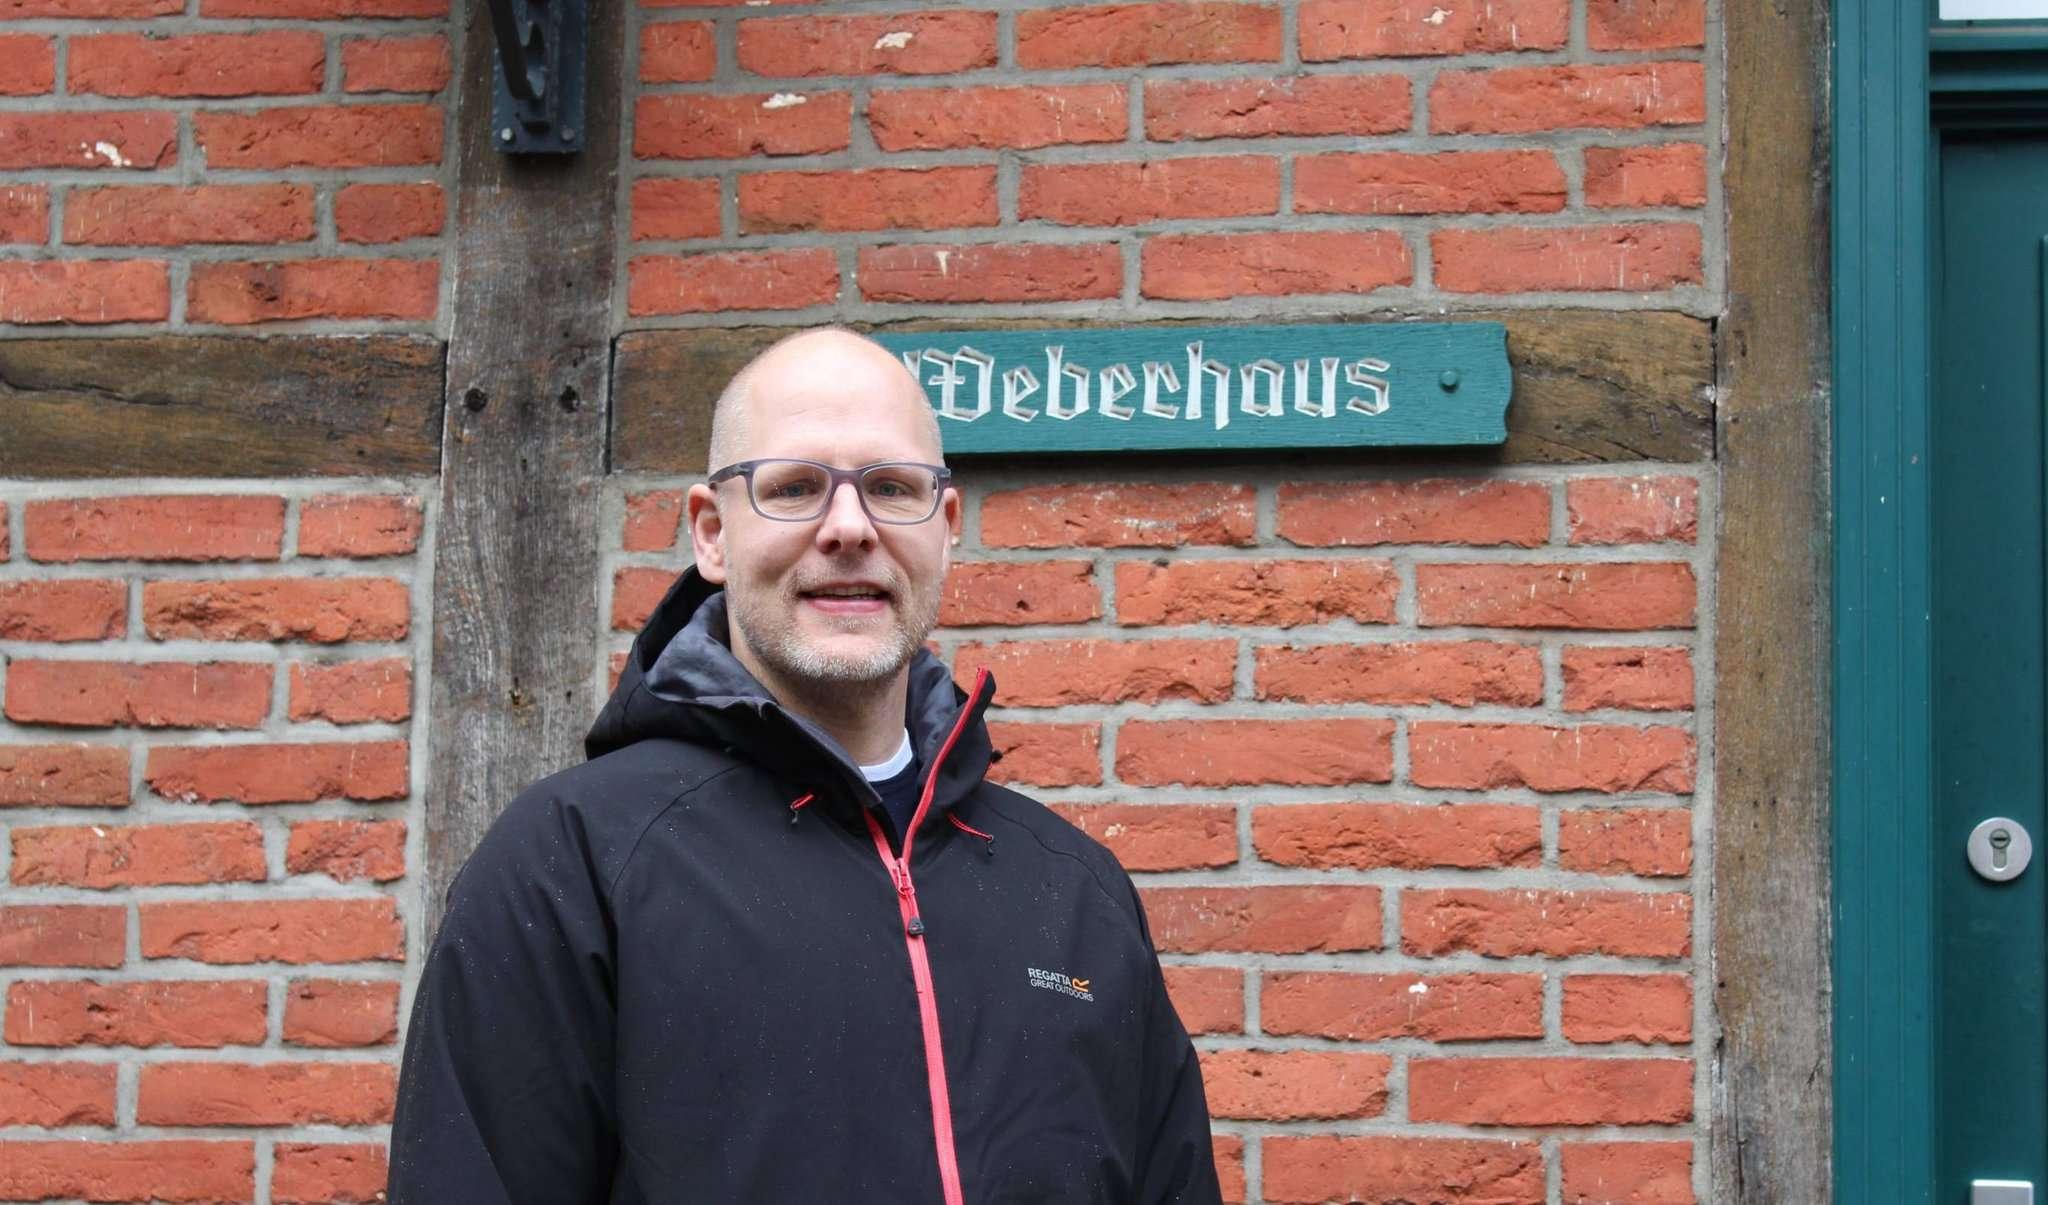 Nils Meyer freut sich auf die Herausforderungen, die der neue Job mit sich bringt. Foto: Ann-Christin Beims